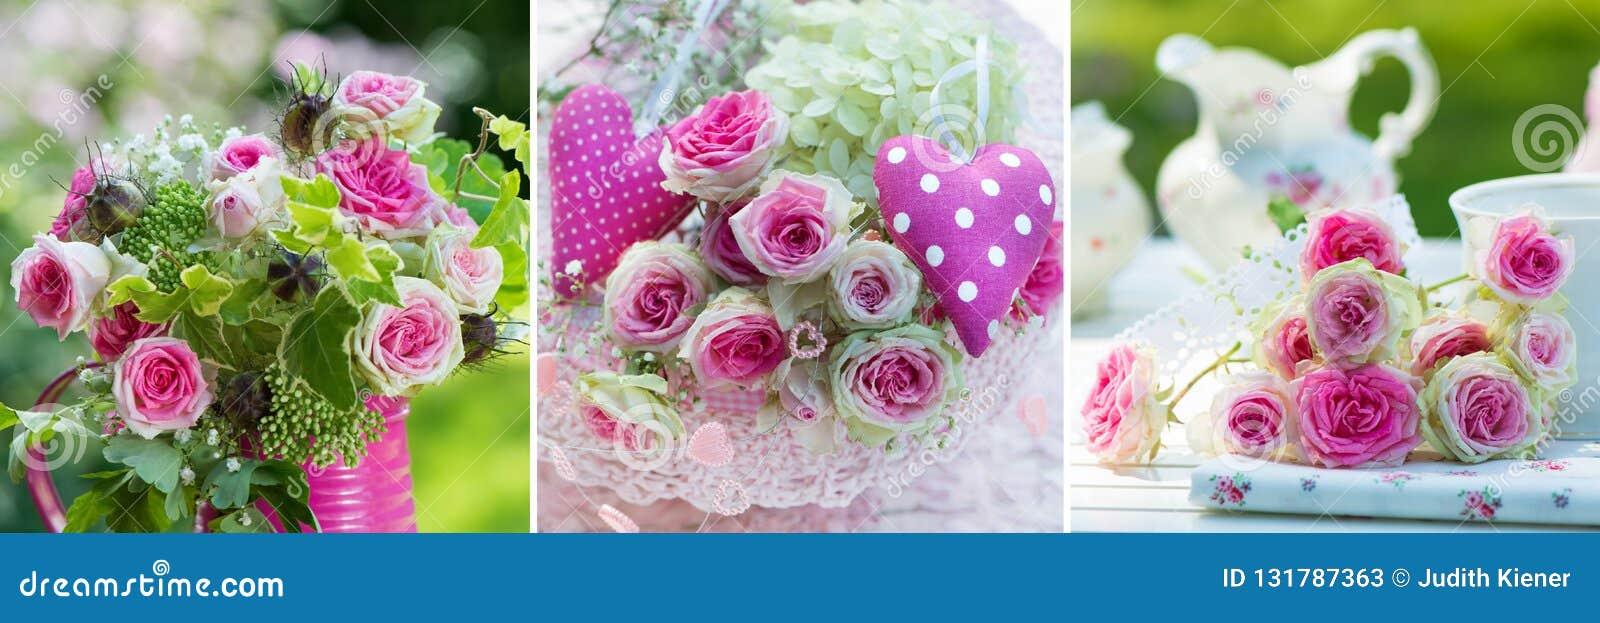 Collage de trois images des roses roses